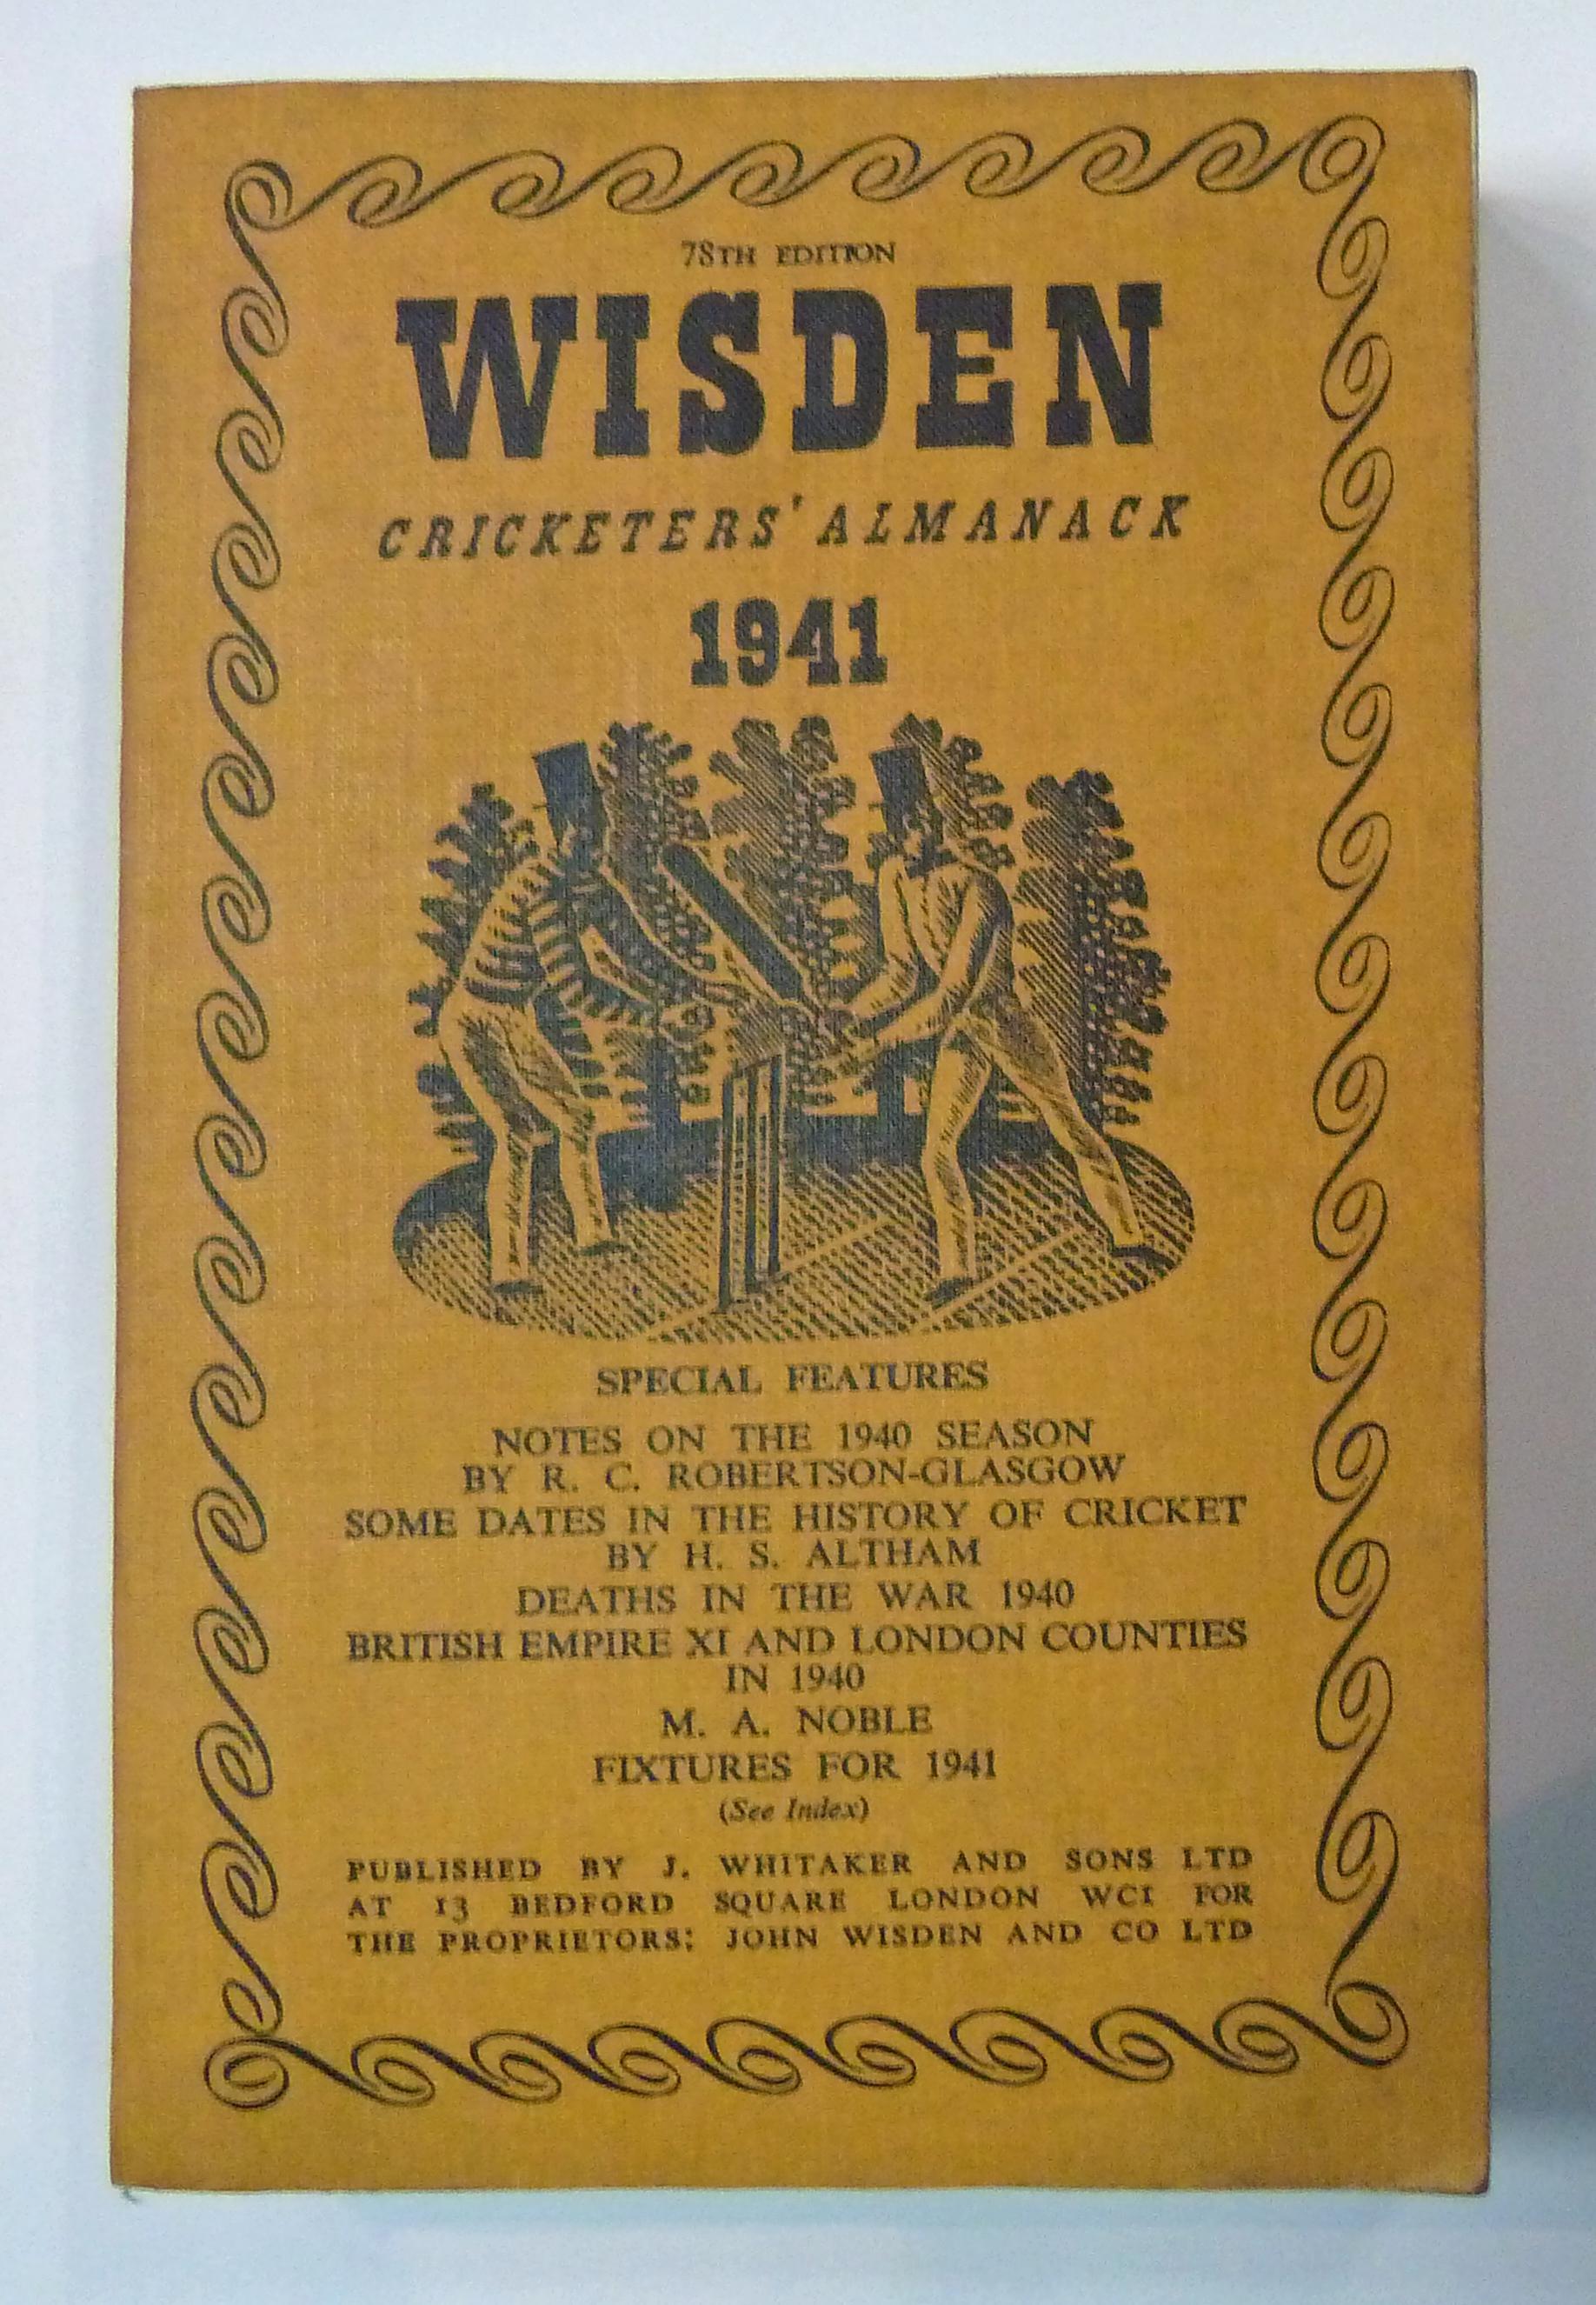 Wisden Cricketers' Almanack 1941